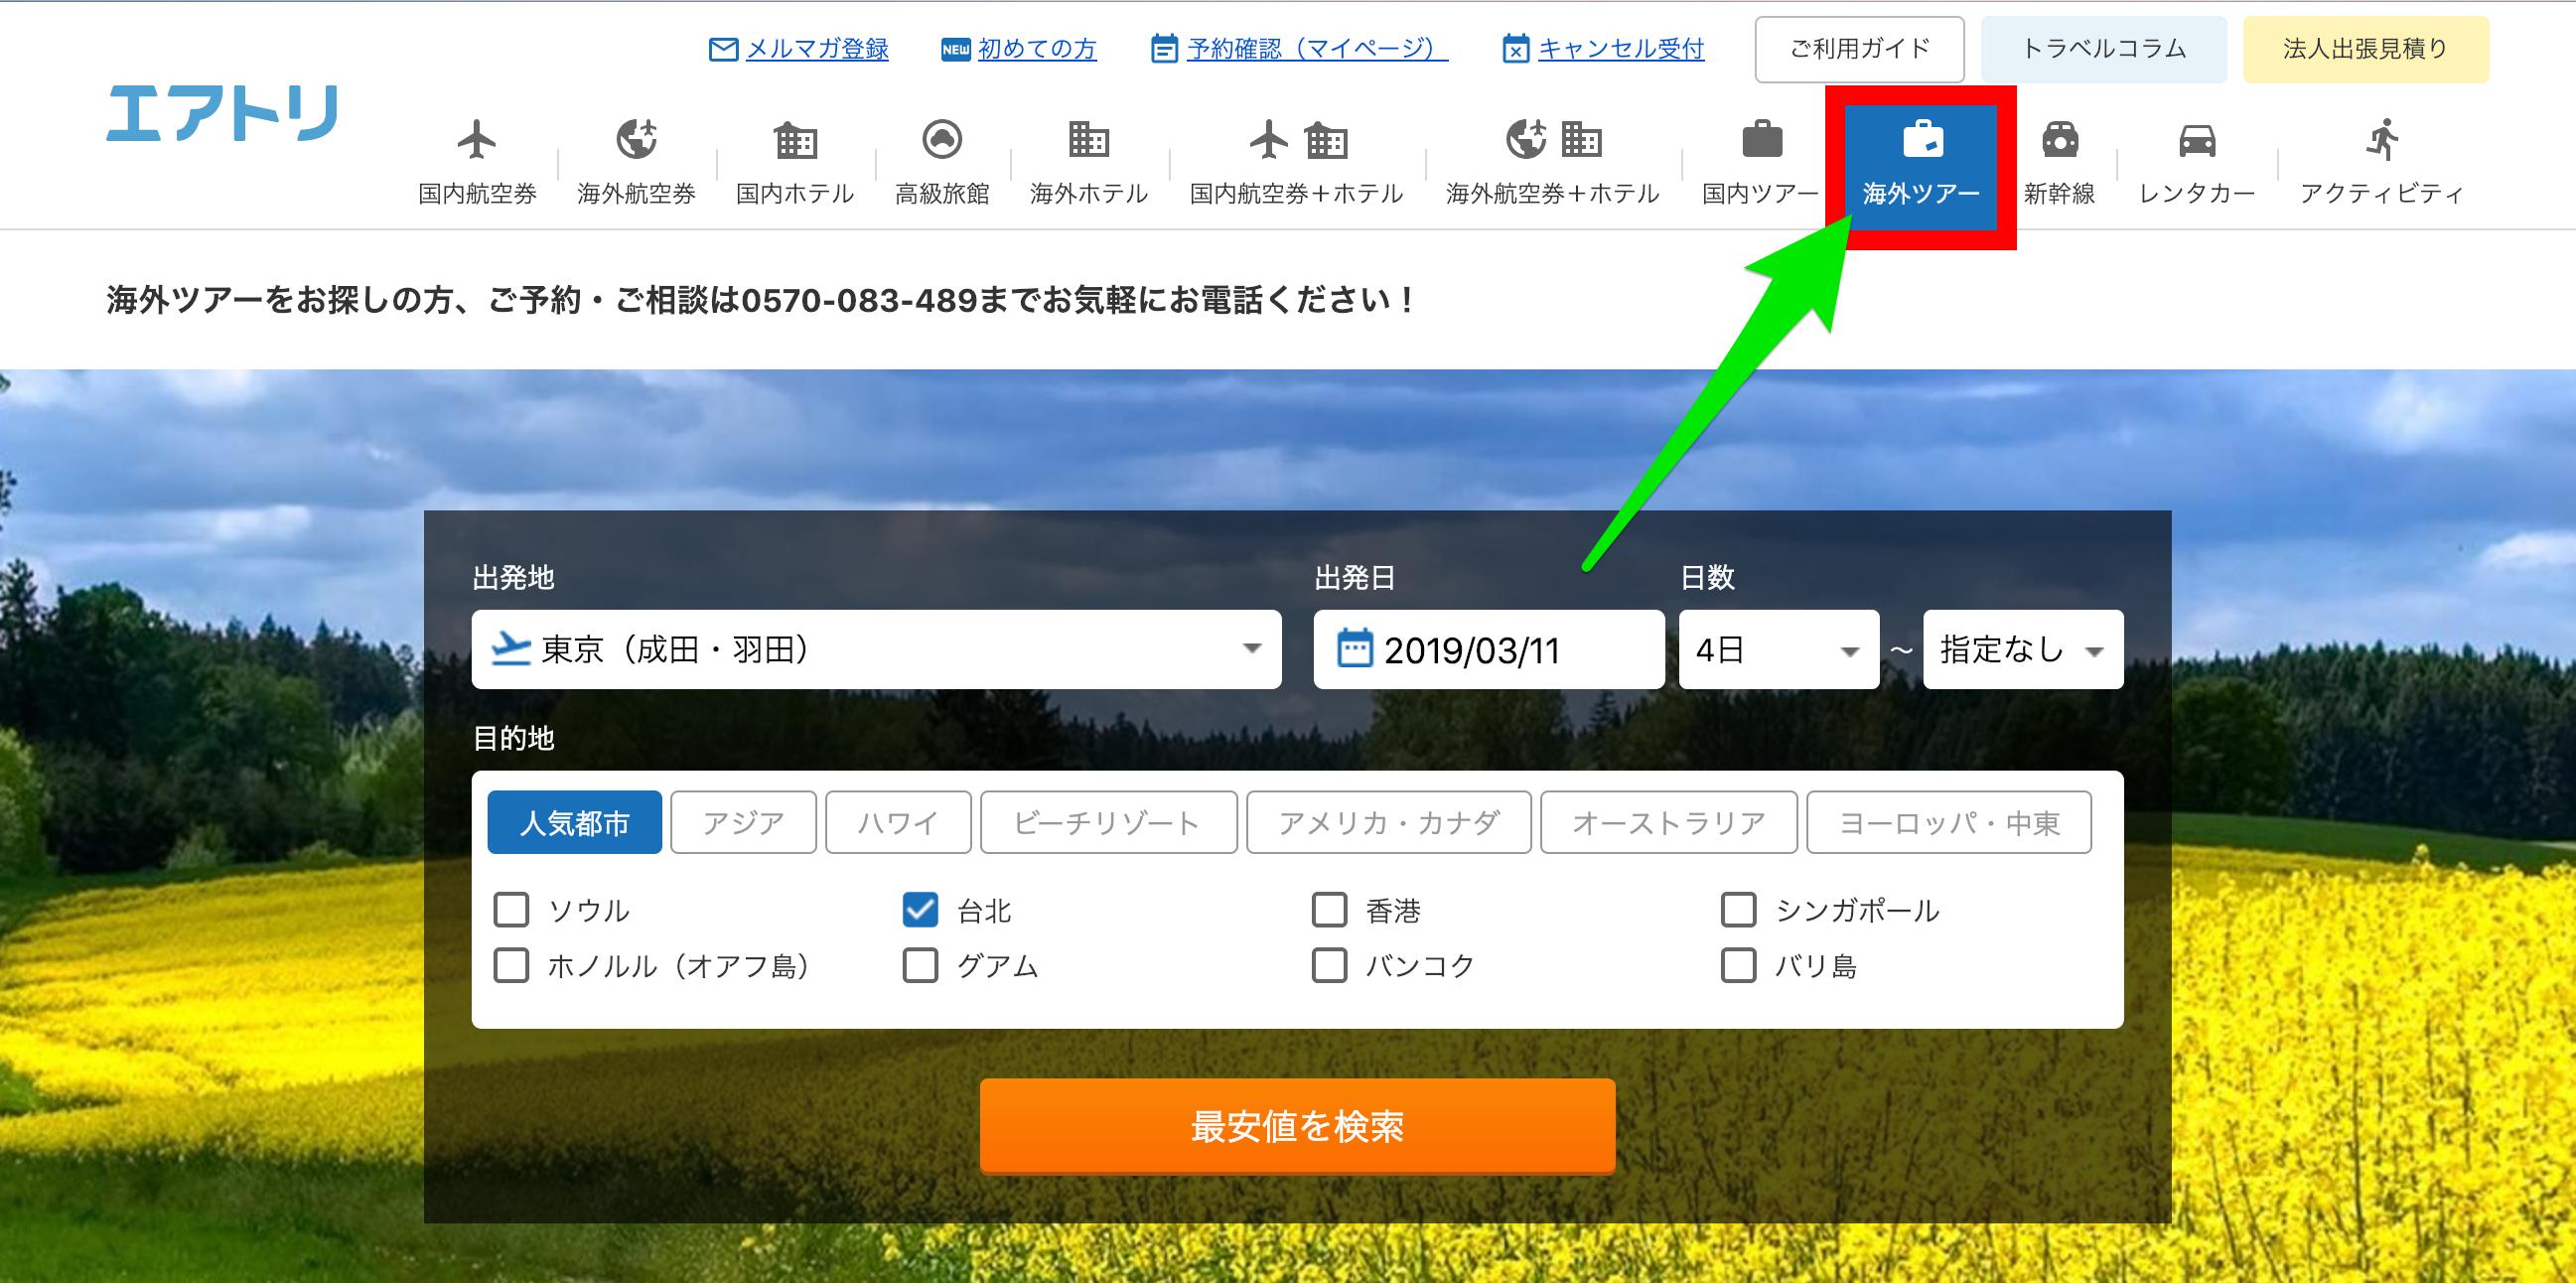 エアトリ(airtrip.jp・旧DeNAトラベル)で海外ツアー予約を実施